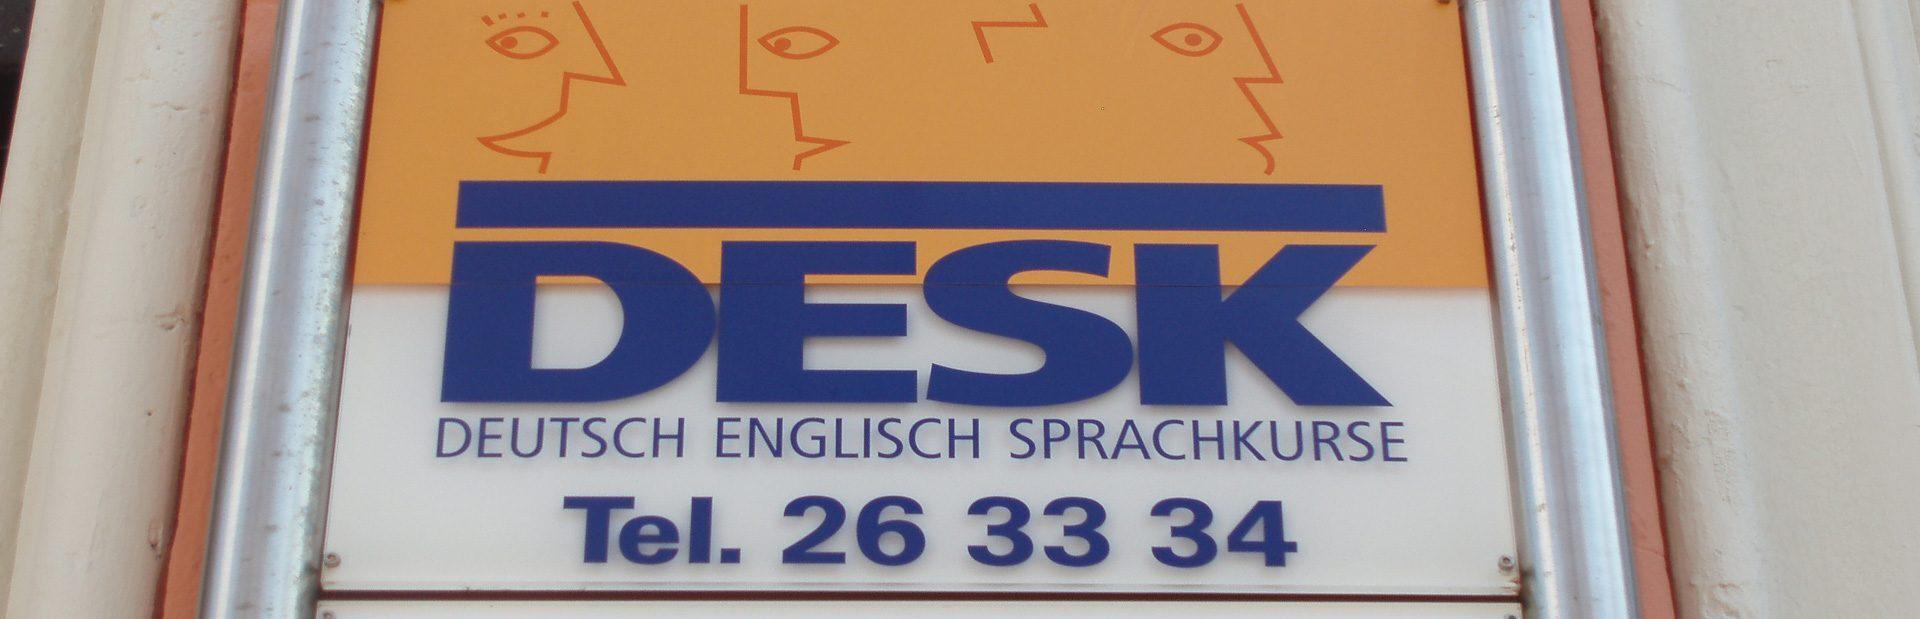 DESK Sprachkurse in München und Herrsching, Deutschkurse, Englischkurse